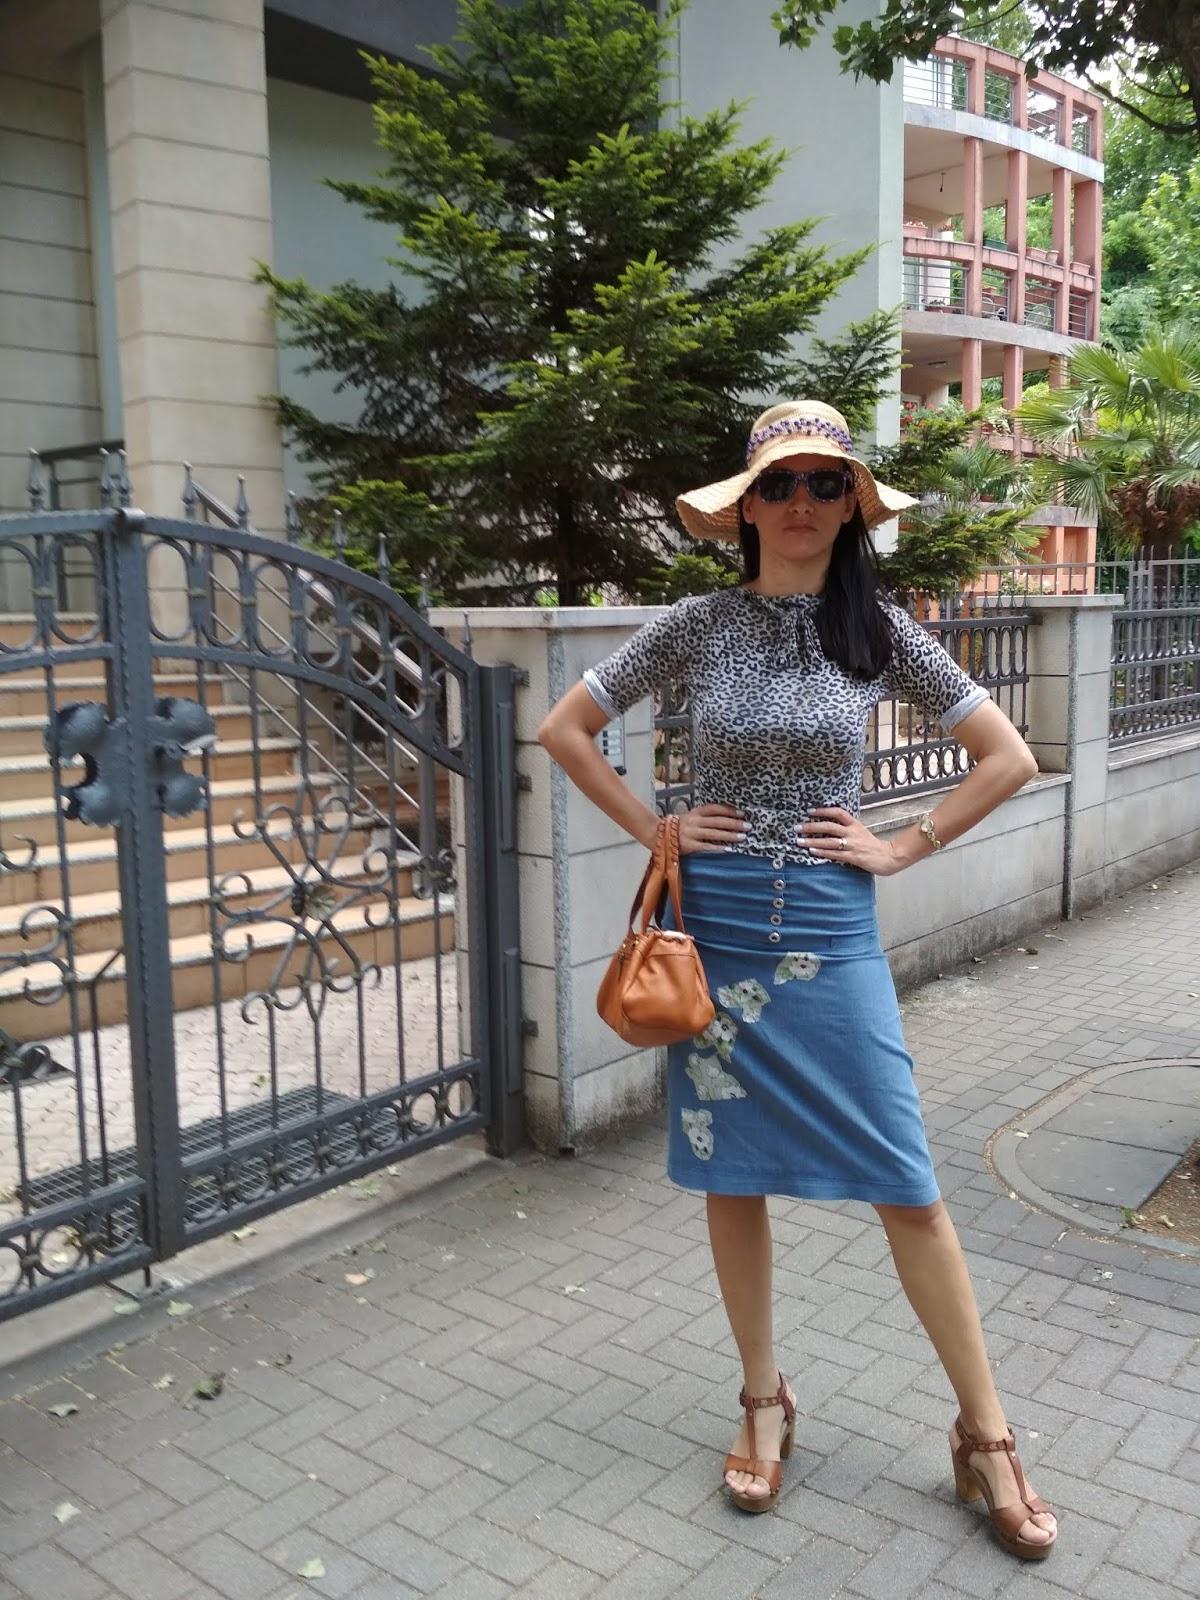 #denimskirt #fashionblogger #summer